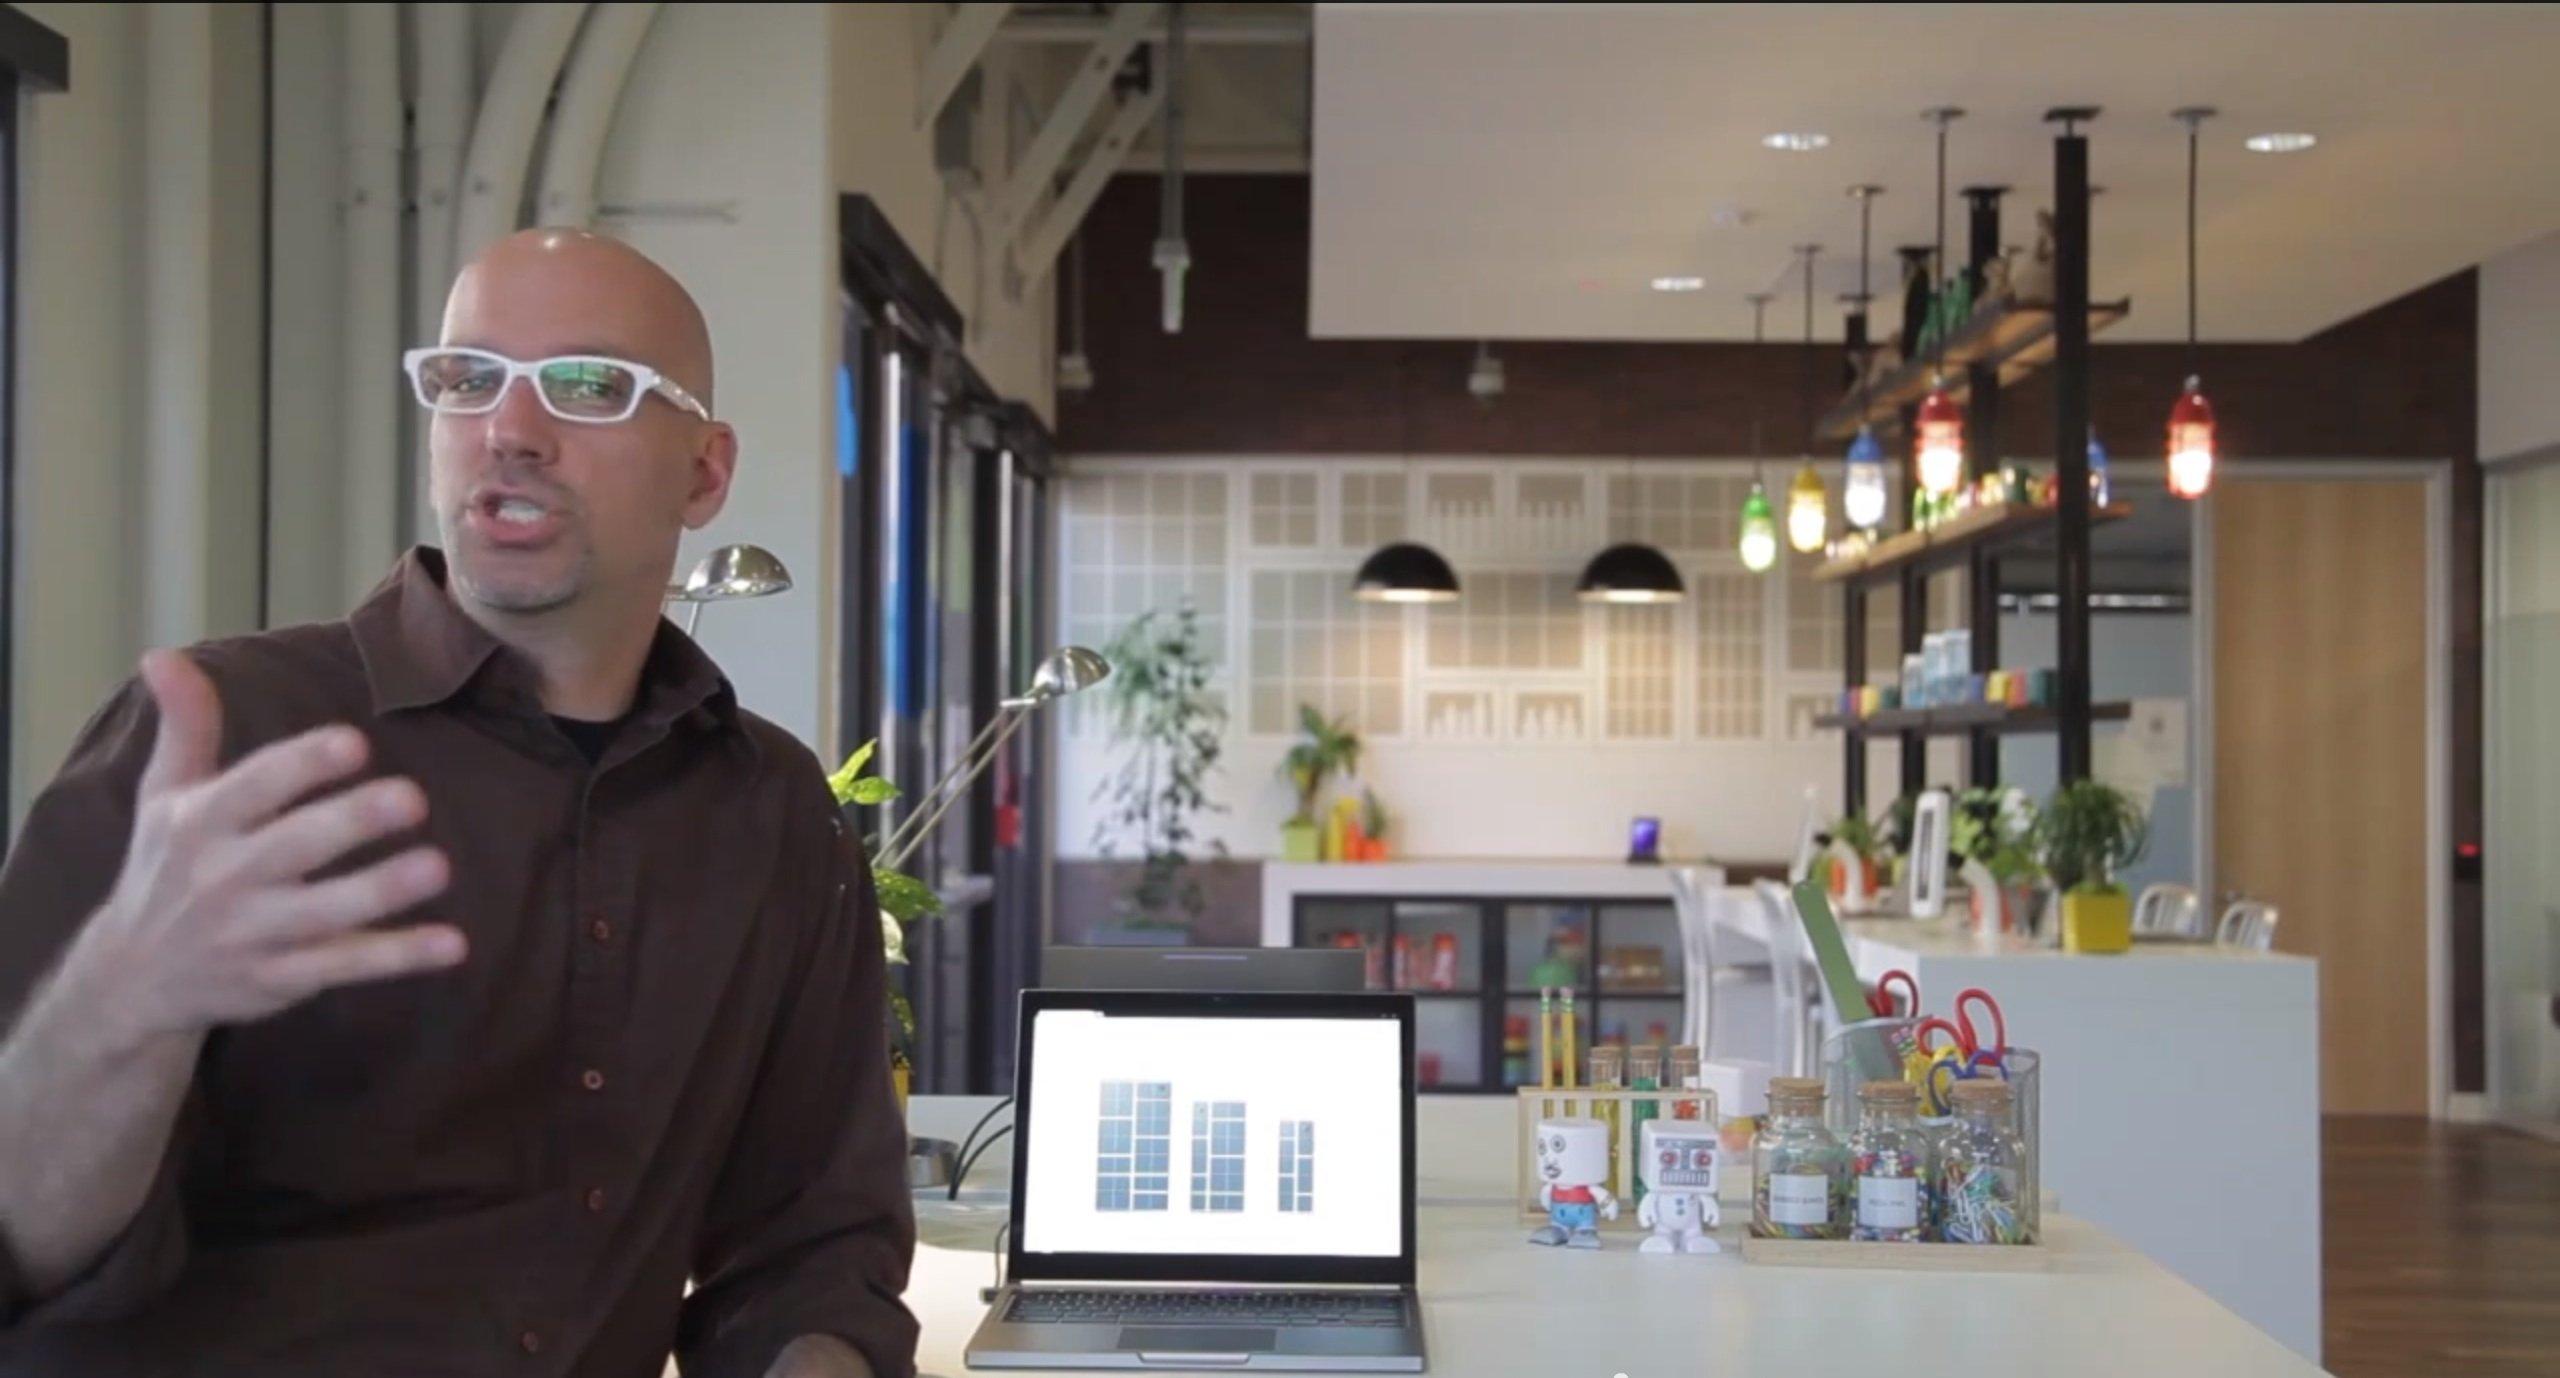 Google-Entwickler erläutert das Modulsystem des Smartphones Ara: Kunden sollen sich ihr Smartphone ganz nach eigenen Vorlieben zusammenstellen können.